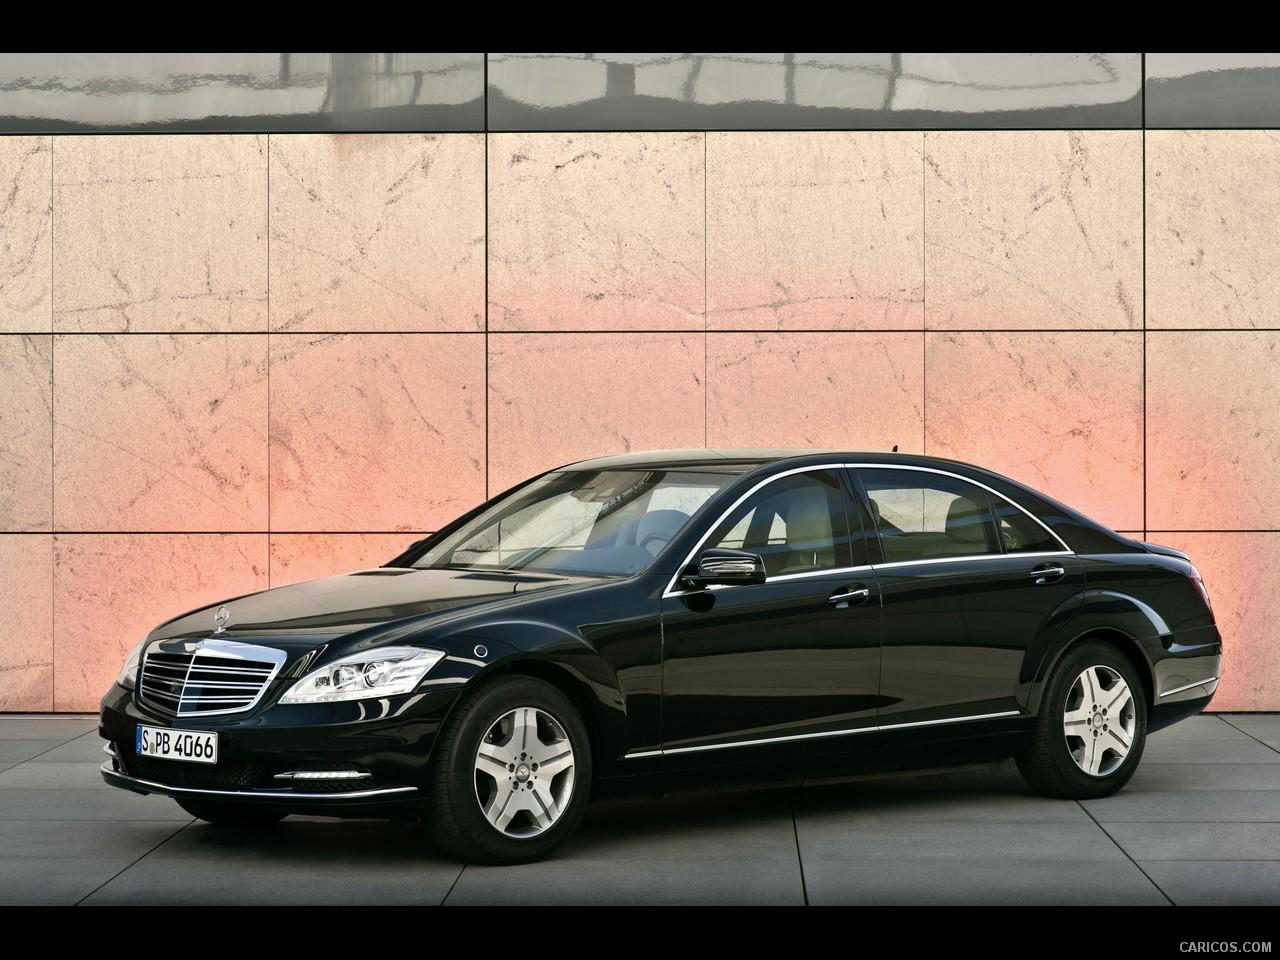 2011-mercedes-benz-s-class-11.jpg